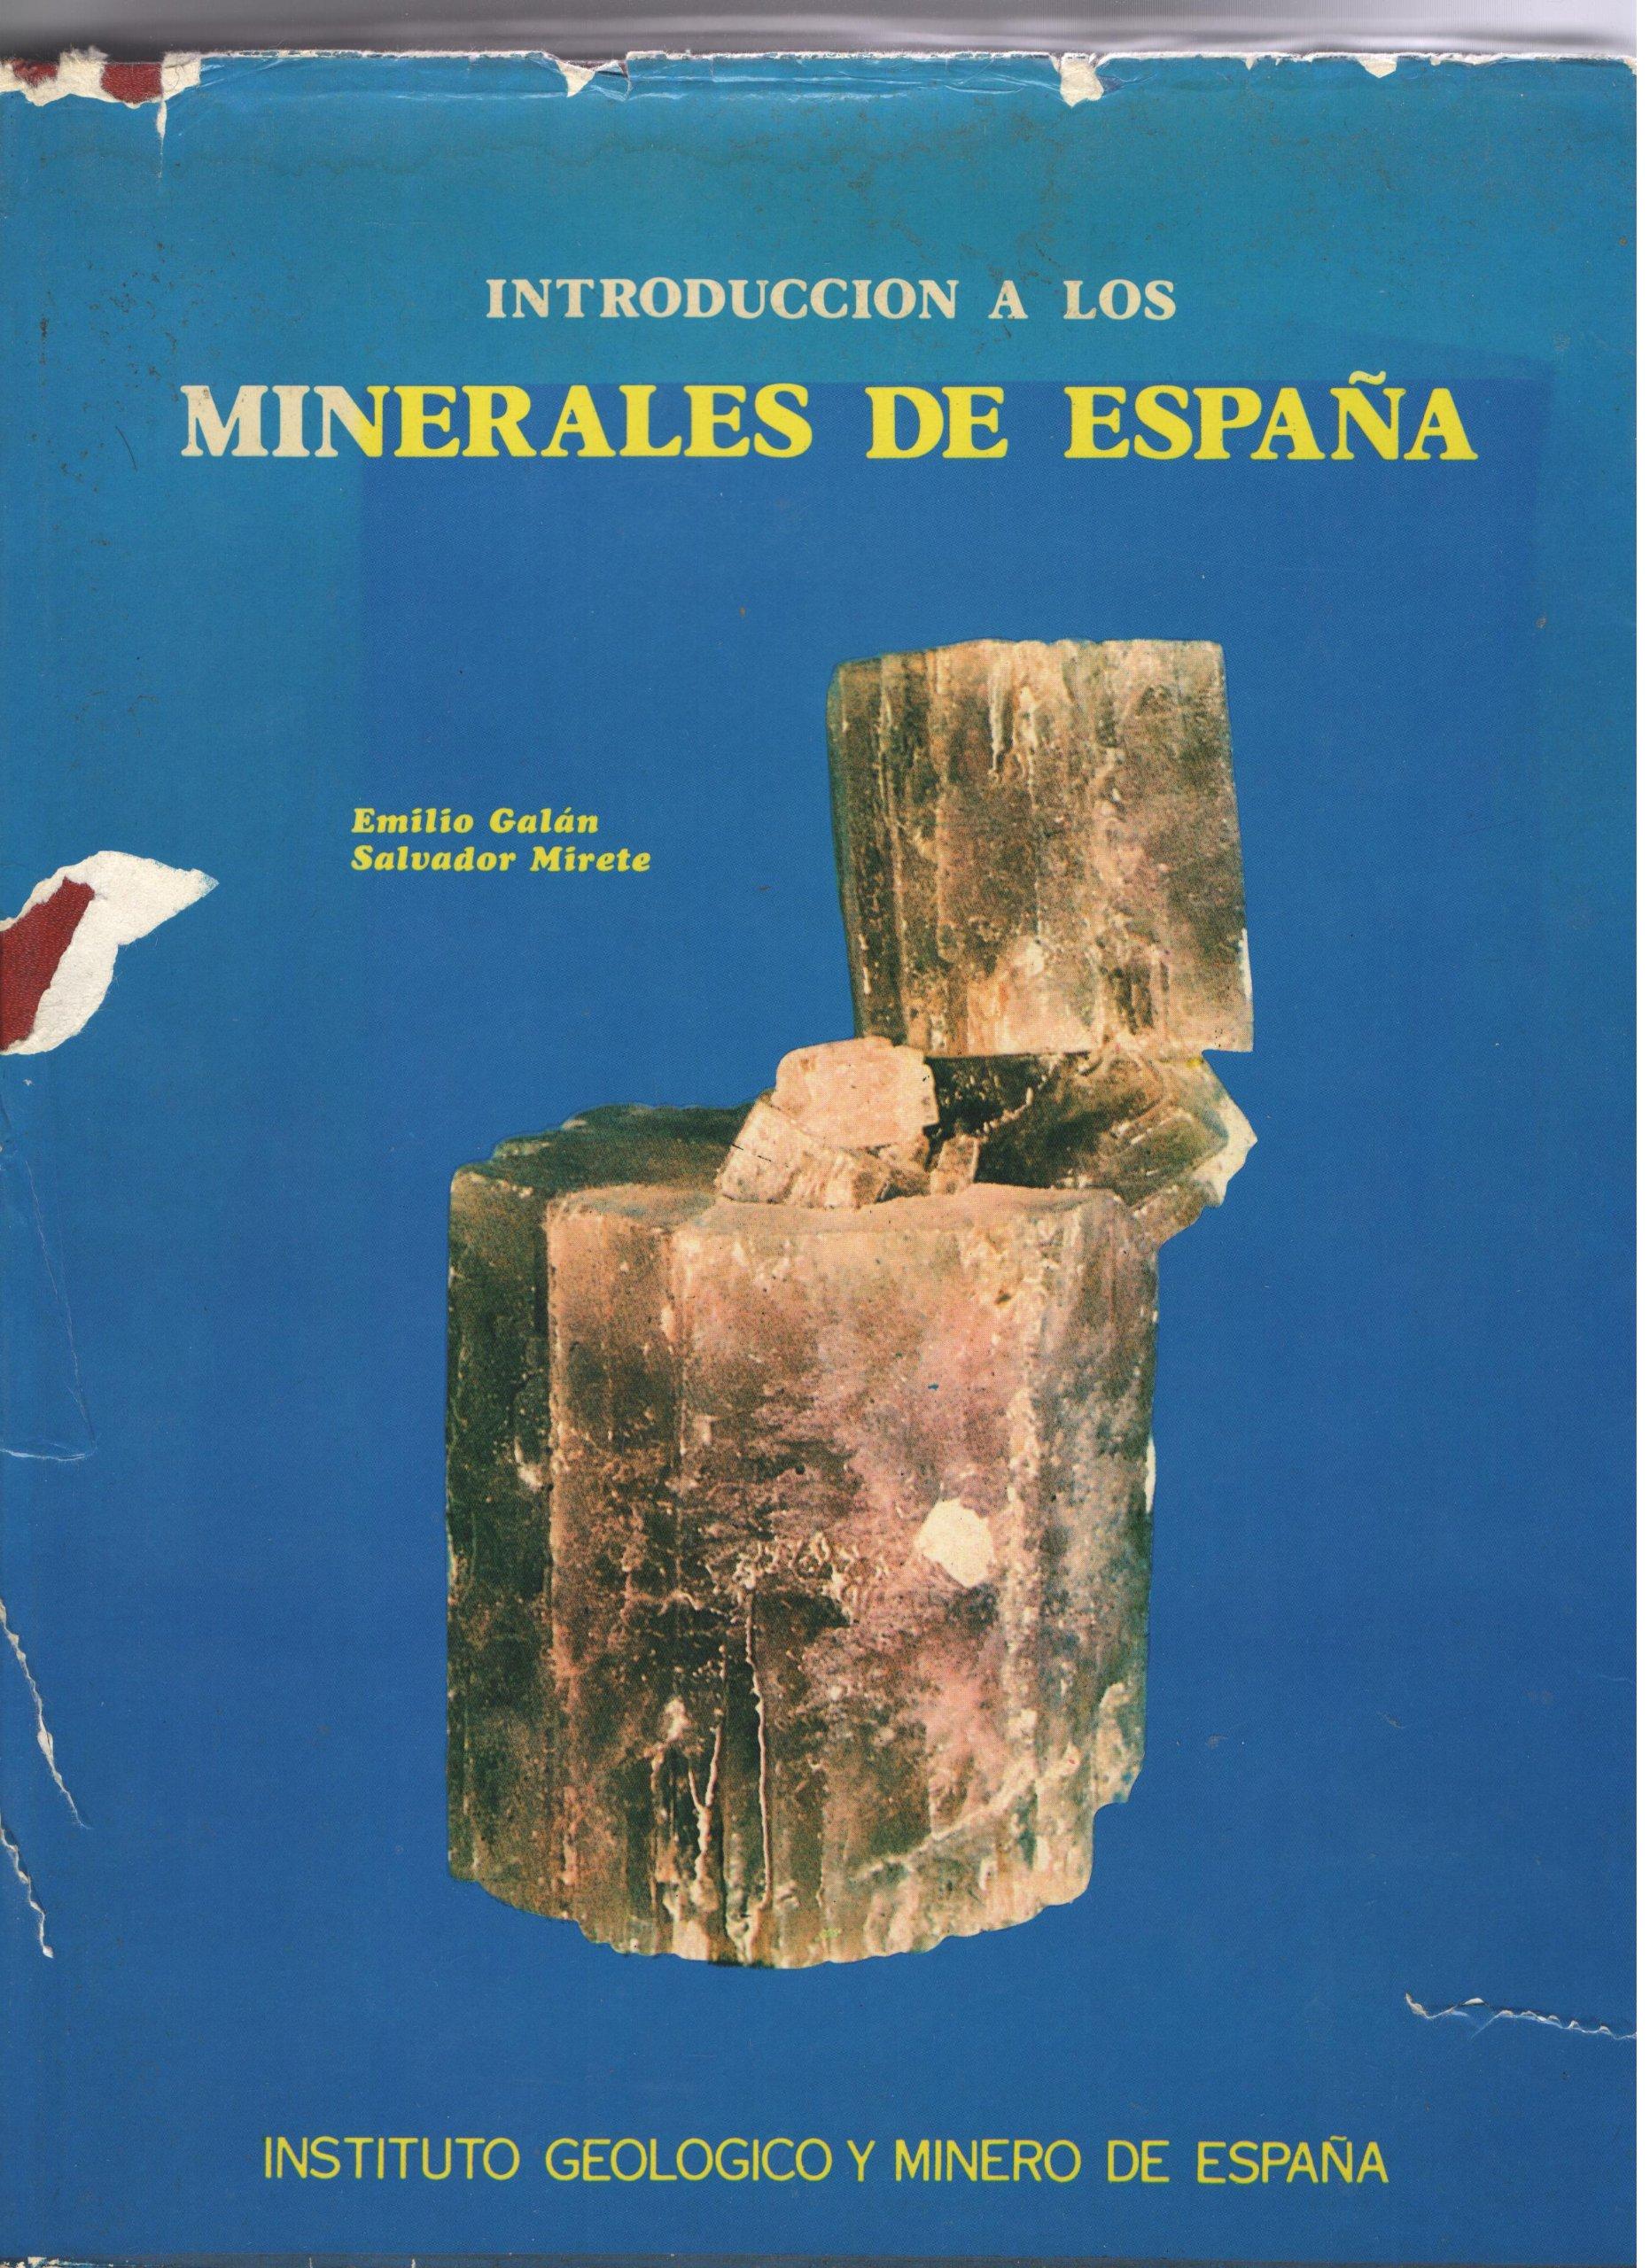 Introducción a los minerales de España: Amazon.es: Emilio Galan- Salvador Mirelles, Instituto Geológico y minero de España: Libros